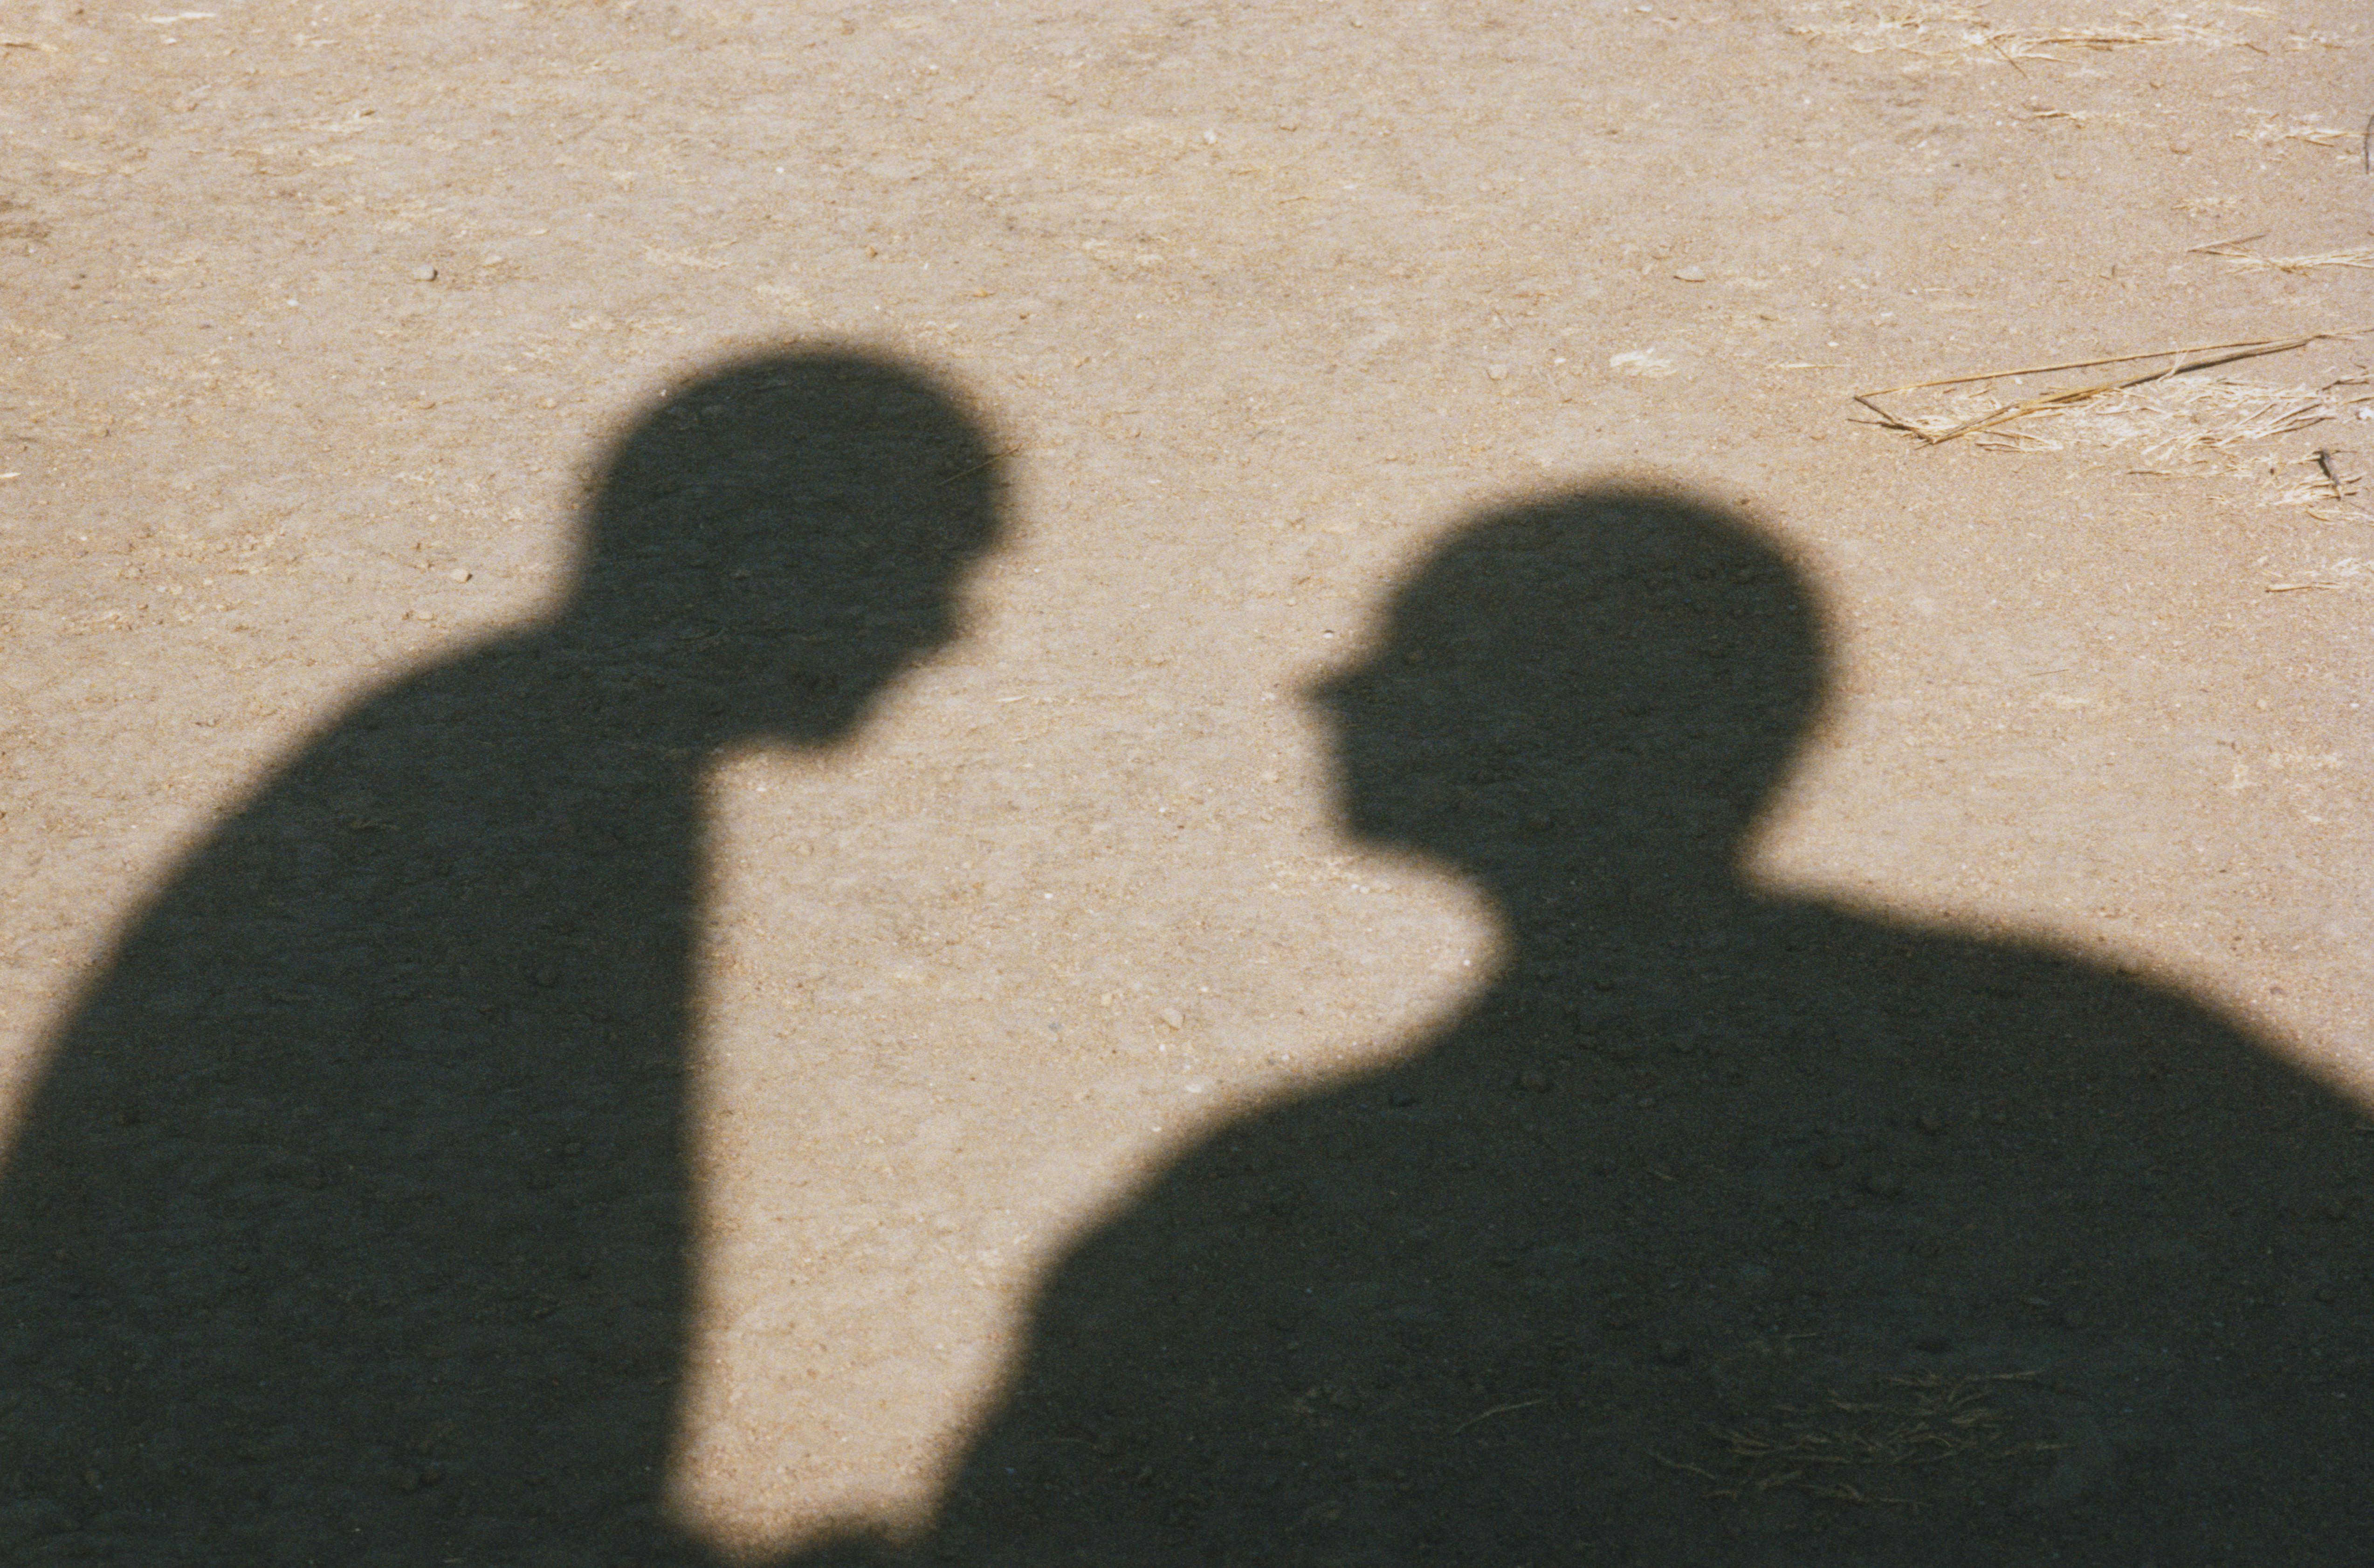 Shadows of Two Men in Desert